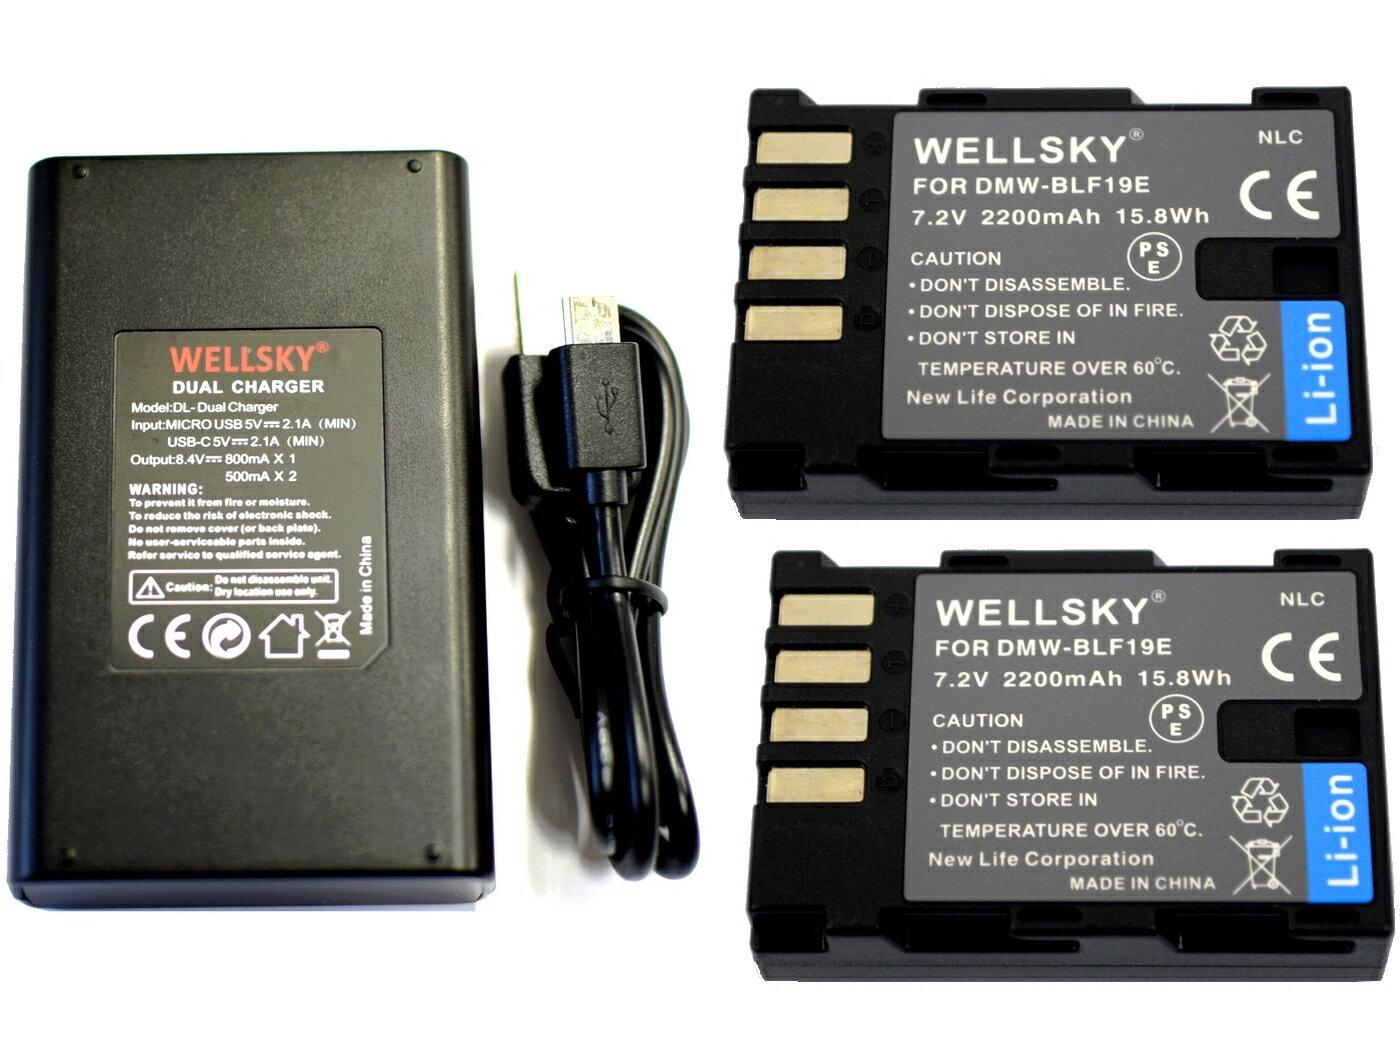 デジタルカメラ用アクセサリー, バッテリーパック DMW-BLF19 2 DMW-BTC10 DMW-BTC13 USB Type C 1 3 Panasonic LUMIX DC-GH5 DC-GH5s DC-G9